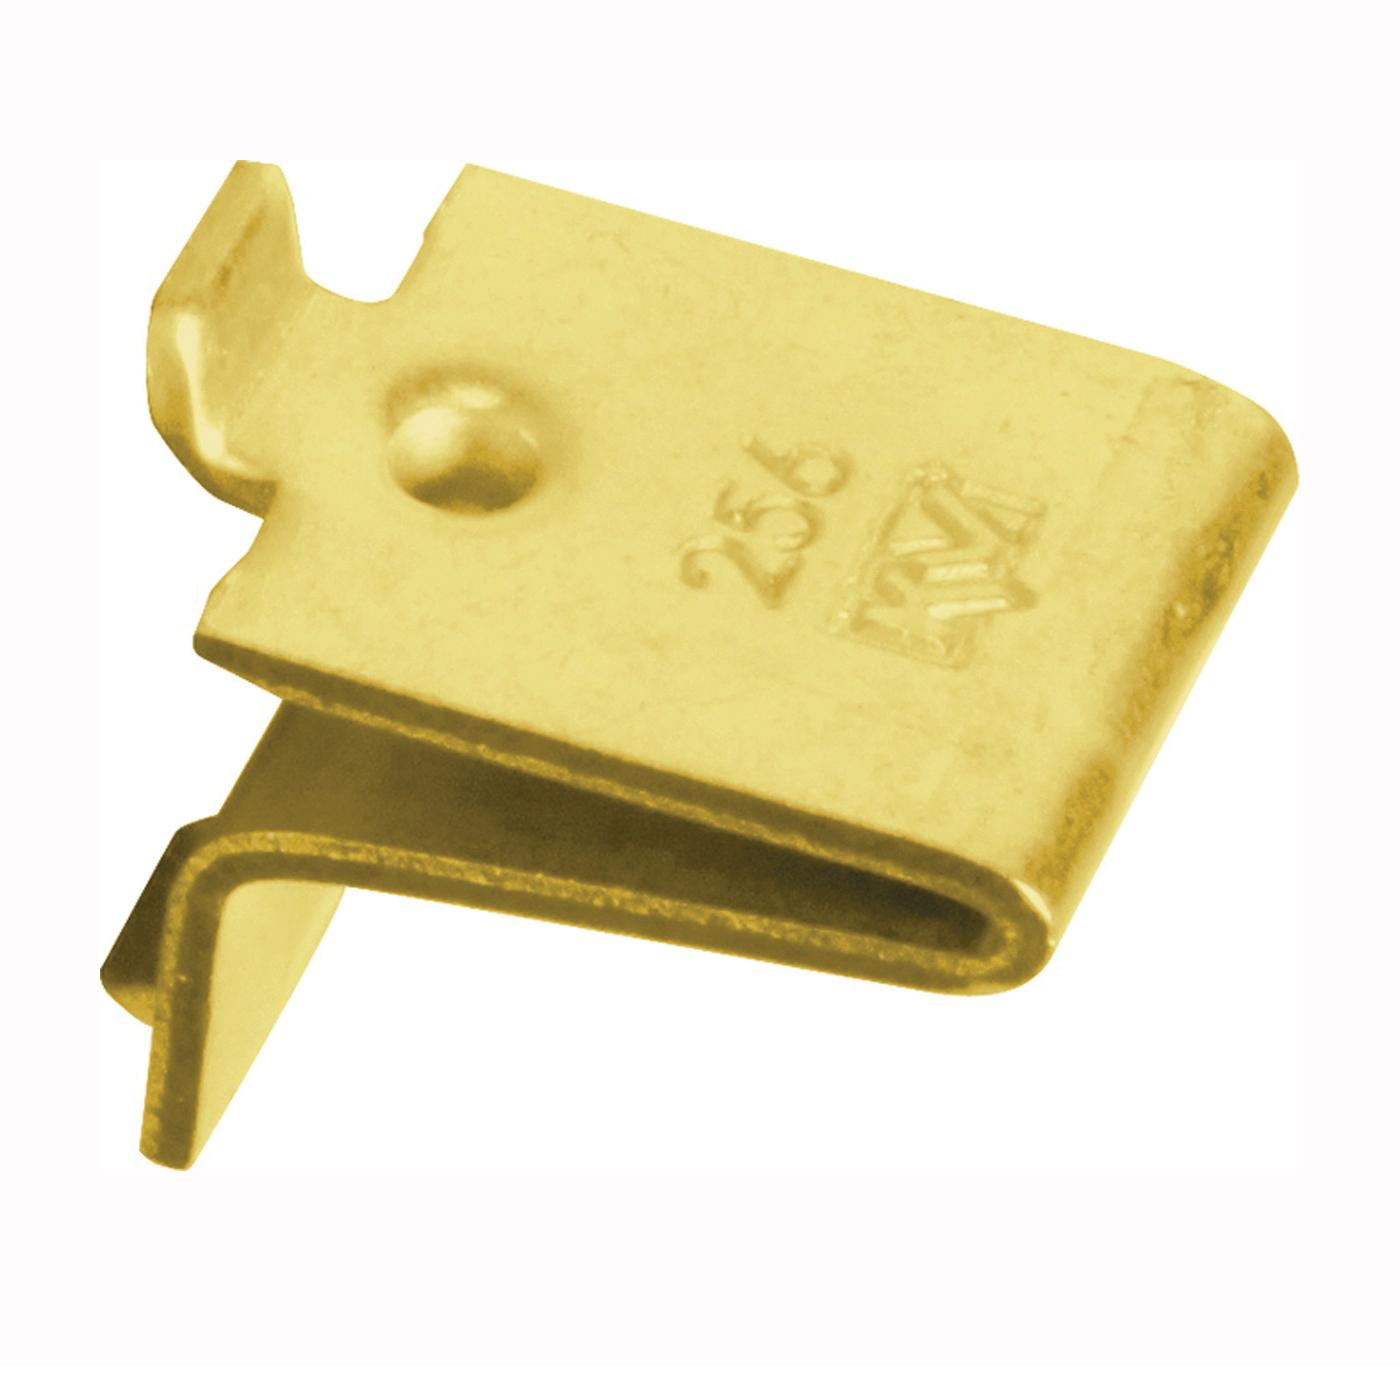 Picture of Knape & Vogt 256P BR Pilaster Shelf Support Clip, Adjustable, Steel, 40, Mortise Mounting